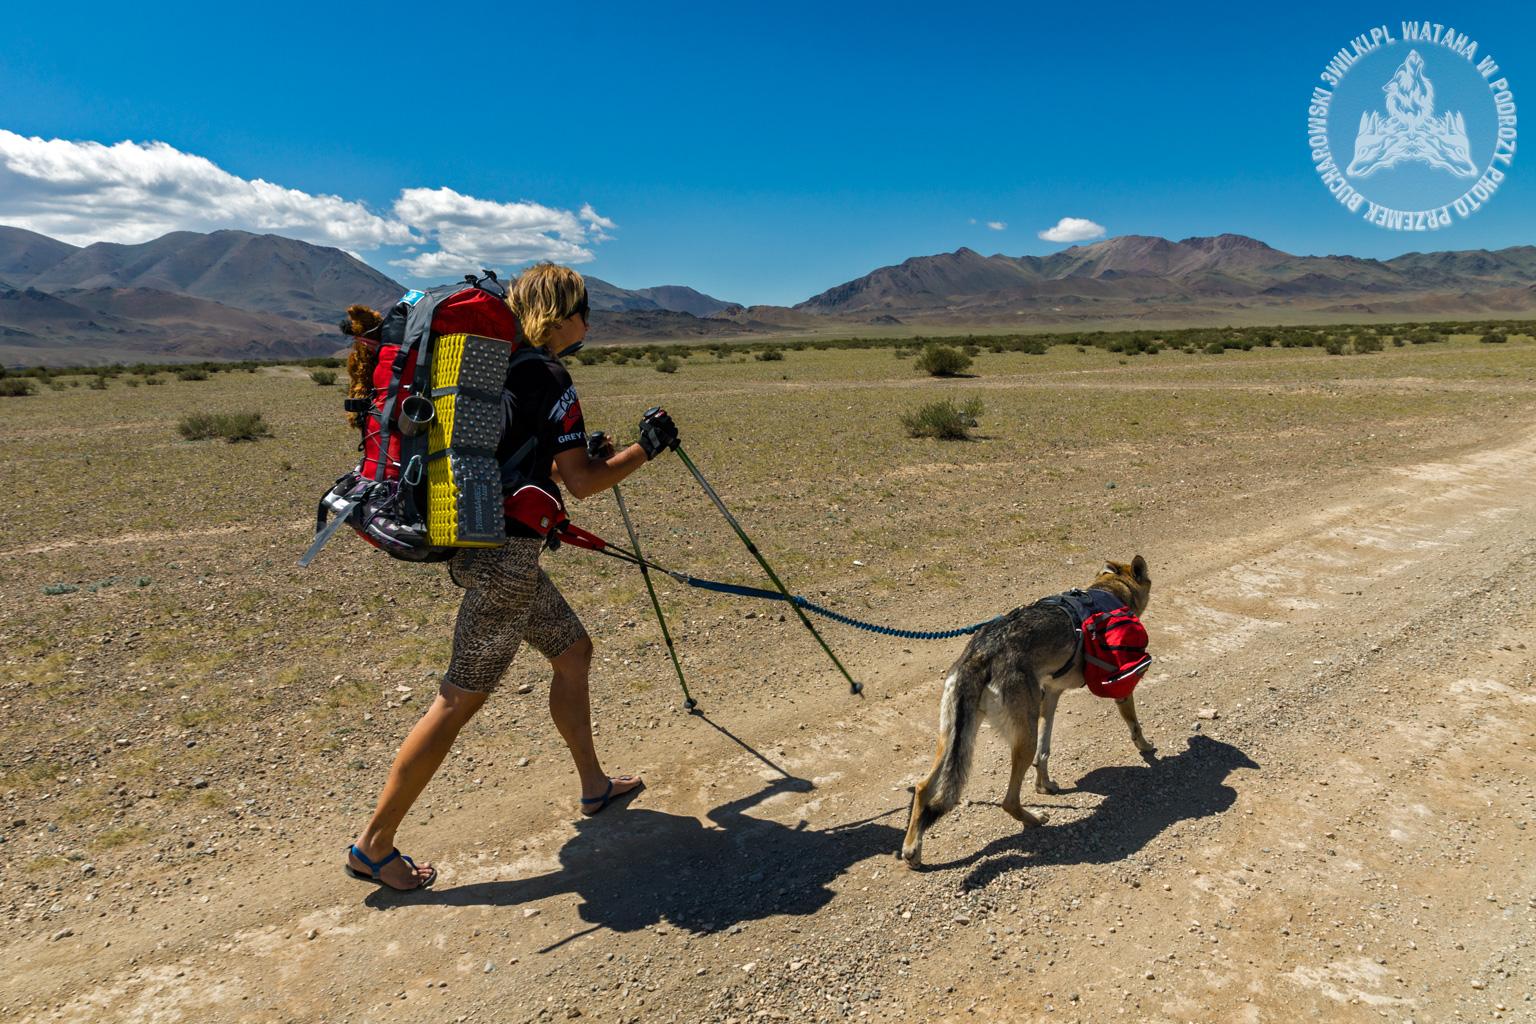 mongolia_tavanbogd_trekking_agi_diuna7